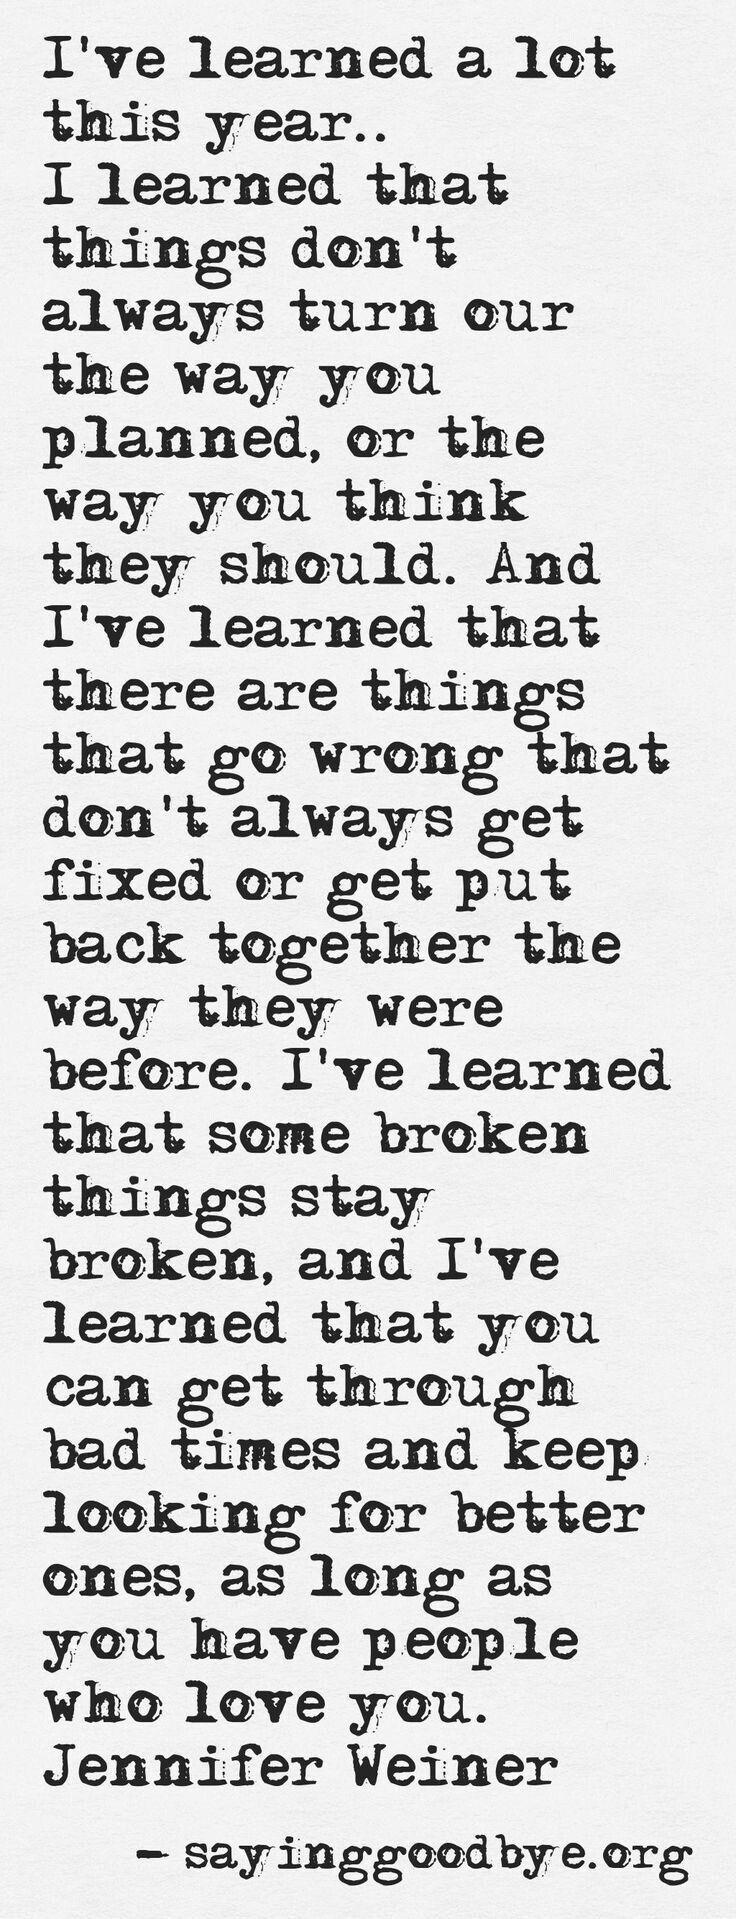 Still learning so much